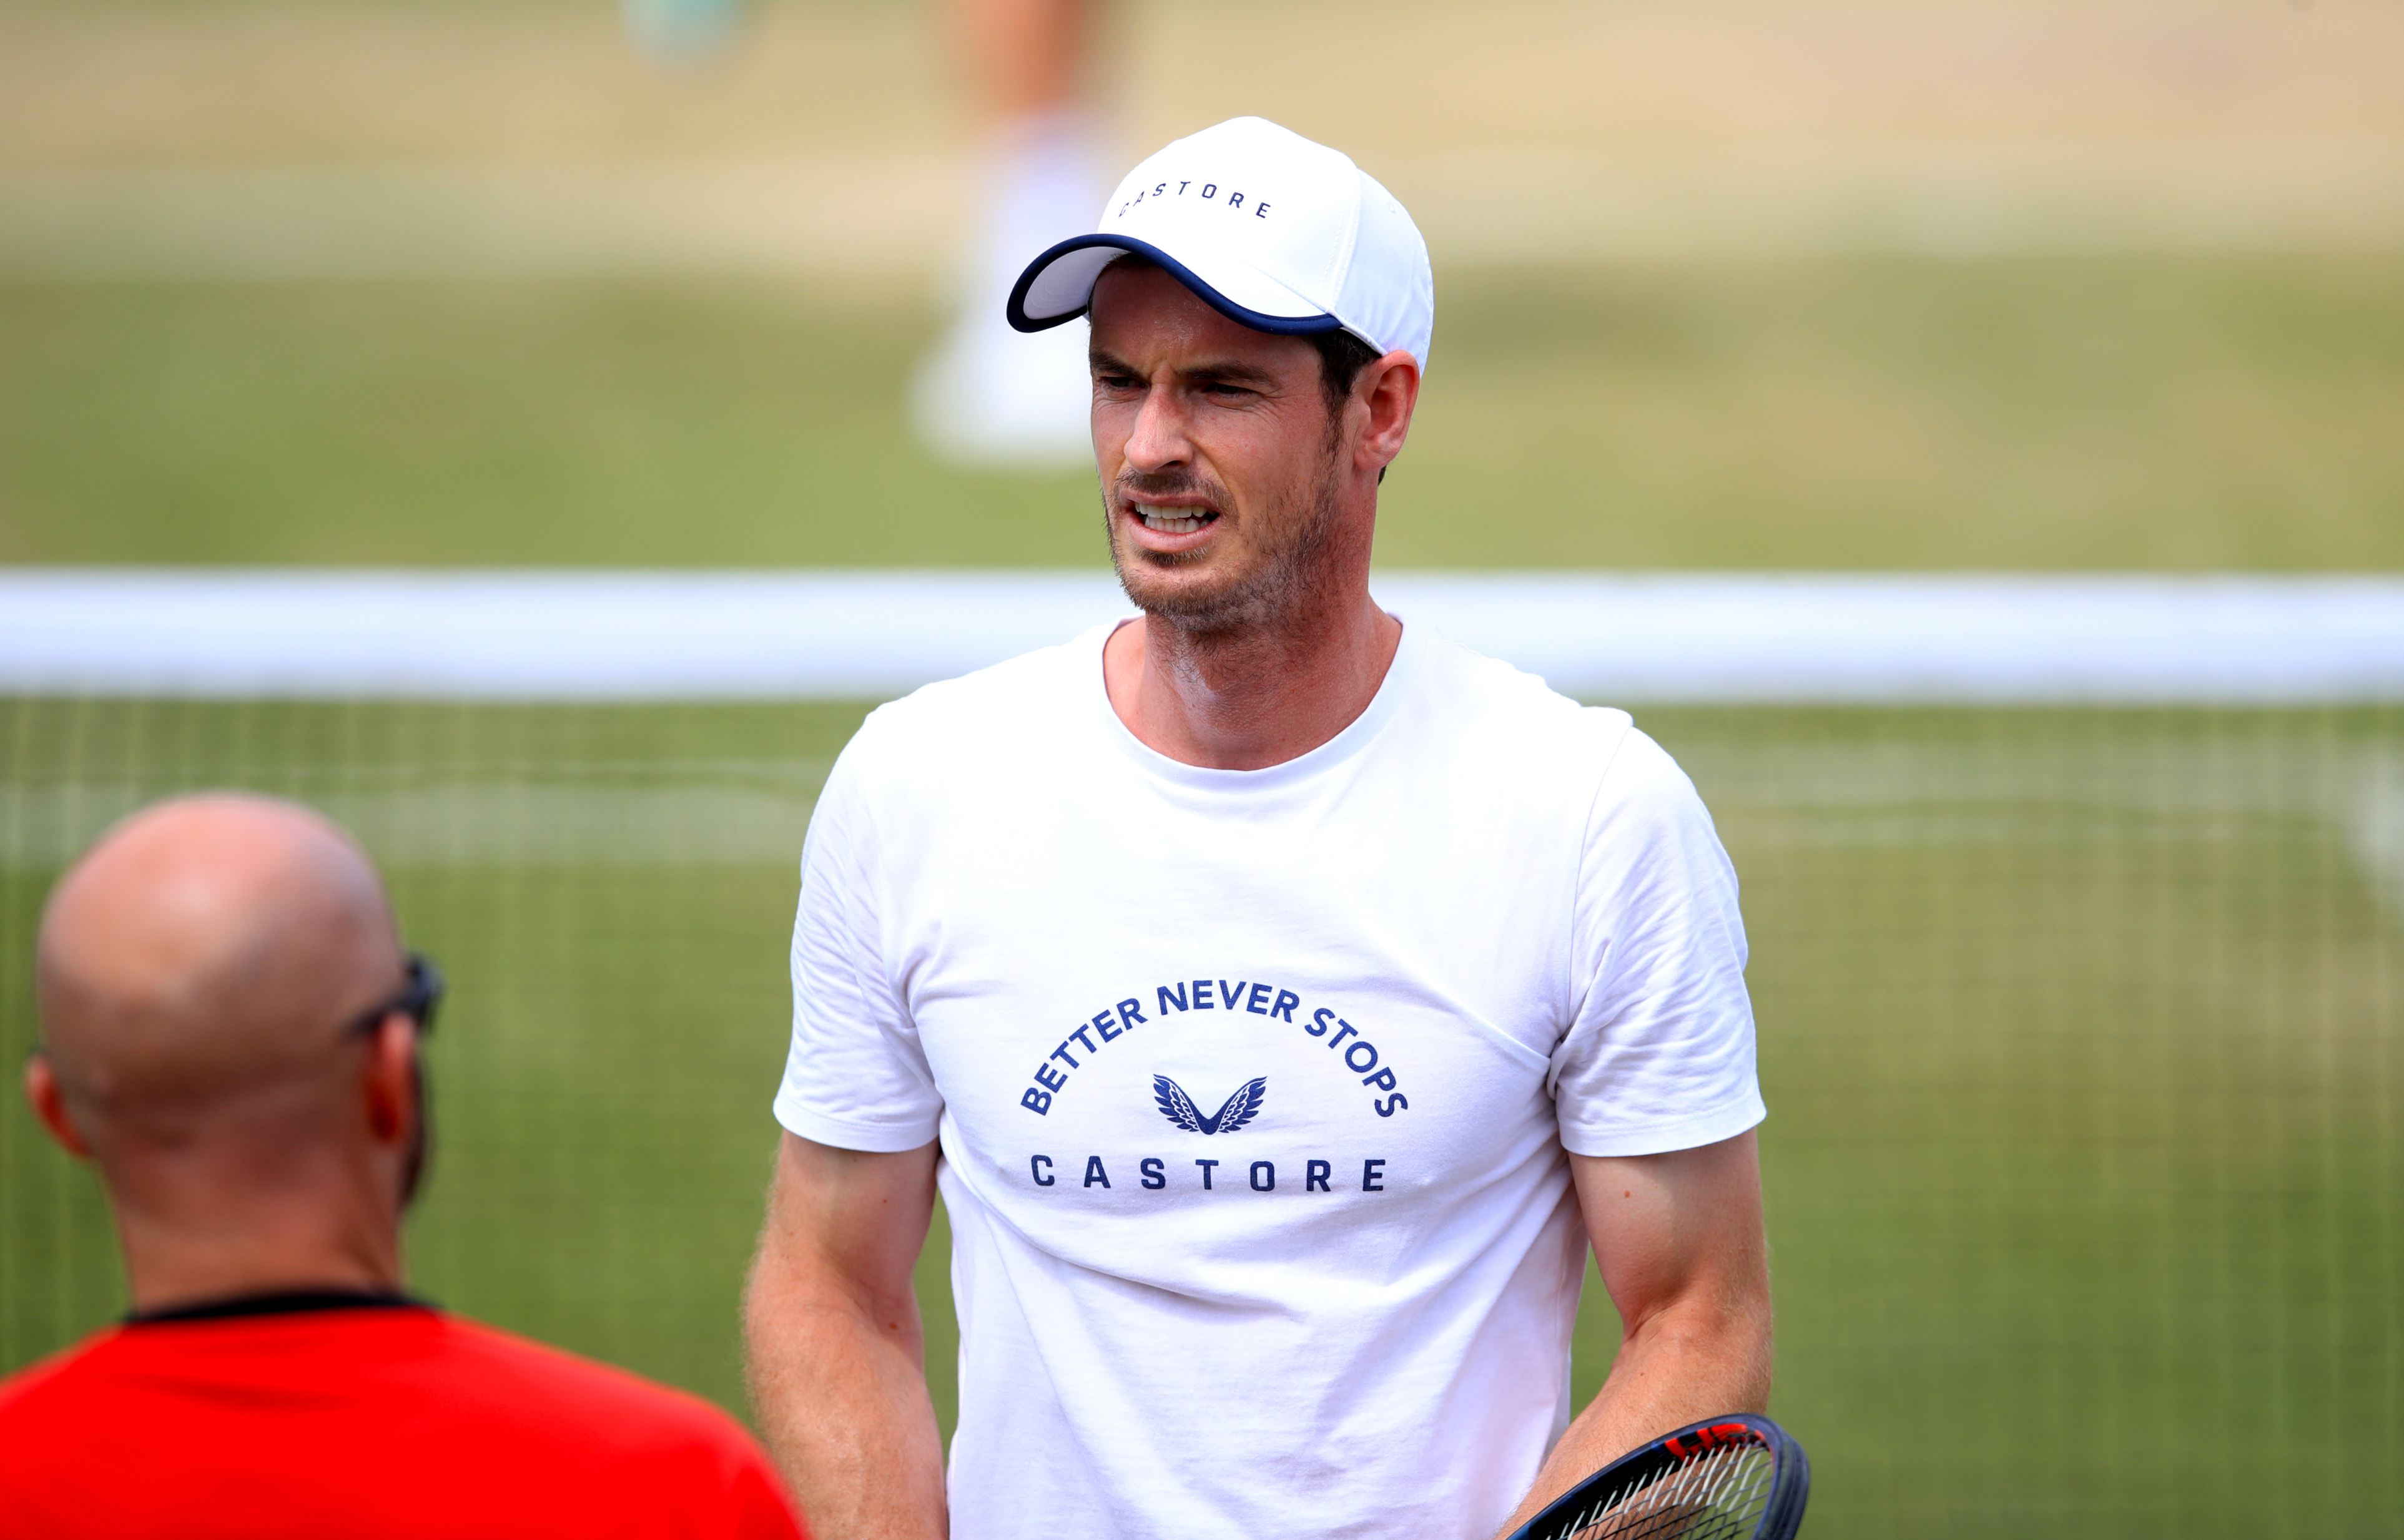 Live Blog Wimbledon 2019 rezultate, tablou, Live Stream, știri – WTA, ATP. Andy Murray, pereche alături de Serena Williams în proba de dublu mixt